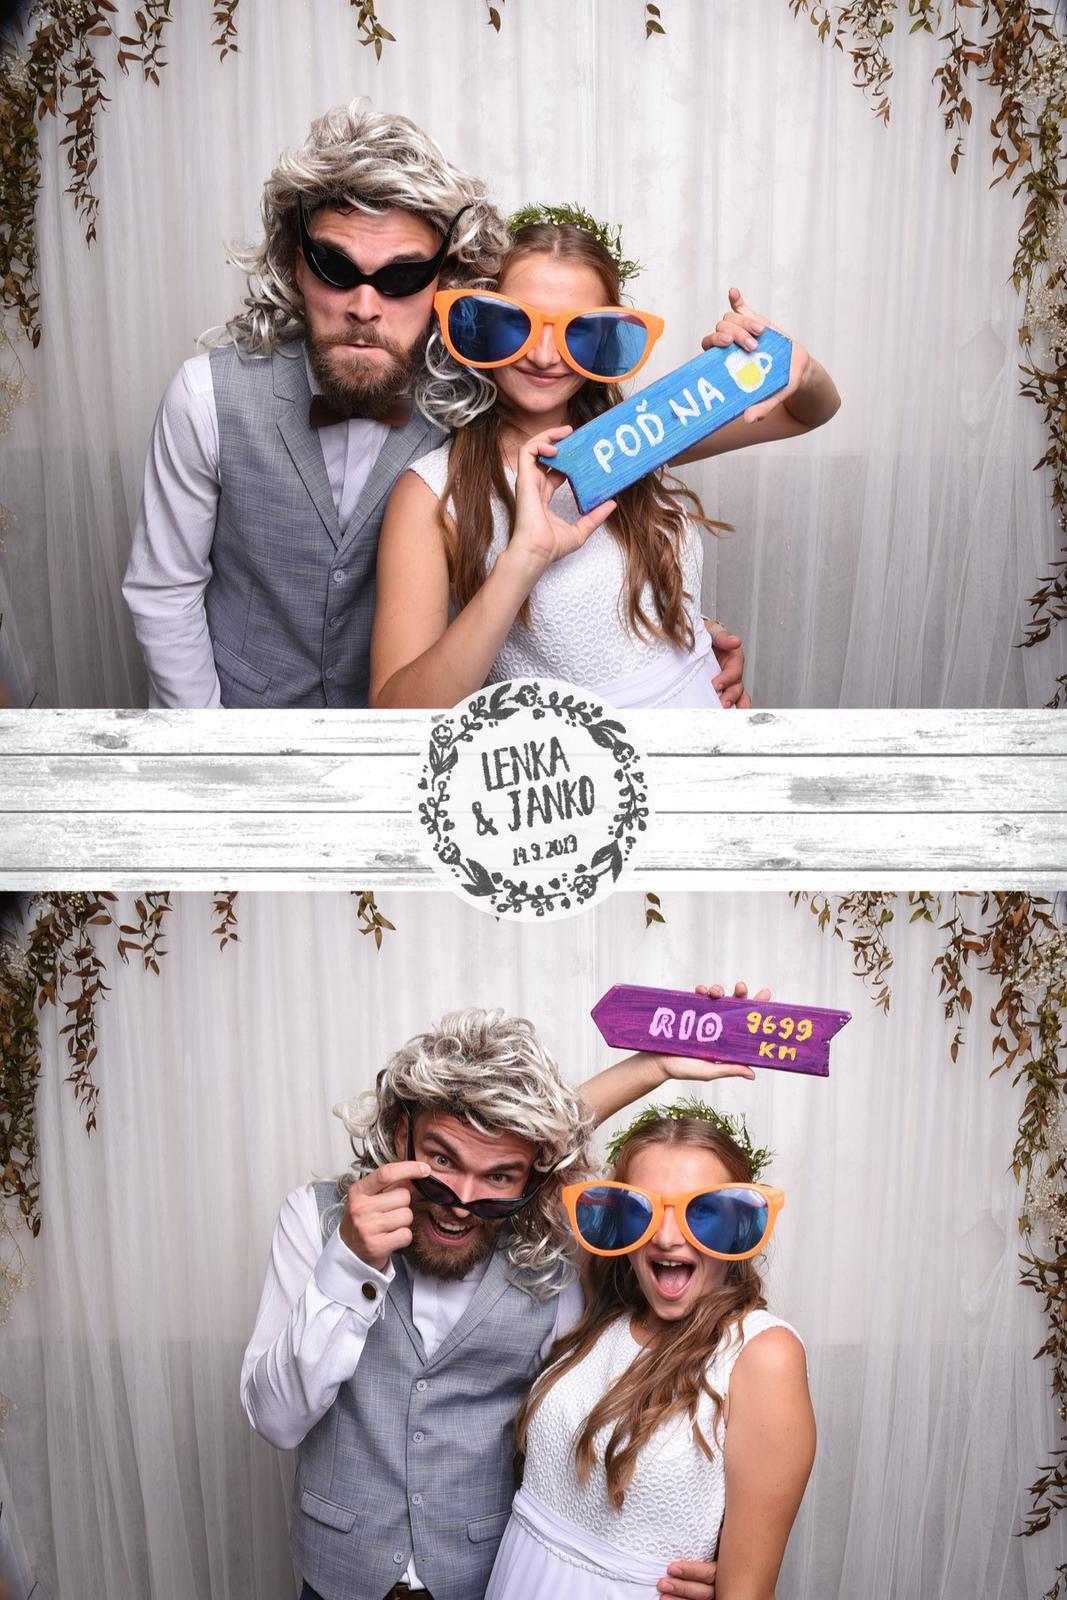 14.9 - Nadupaná svadobná párty. - Veľmi milý párik - želáme veľa lásky!